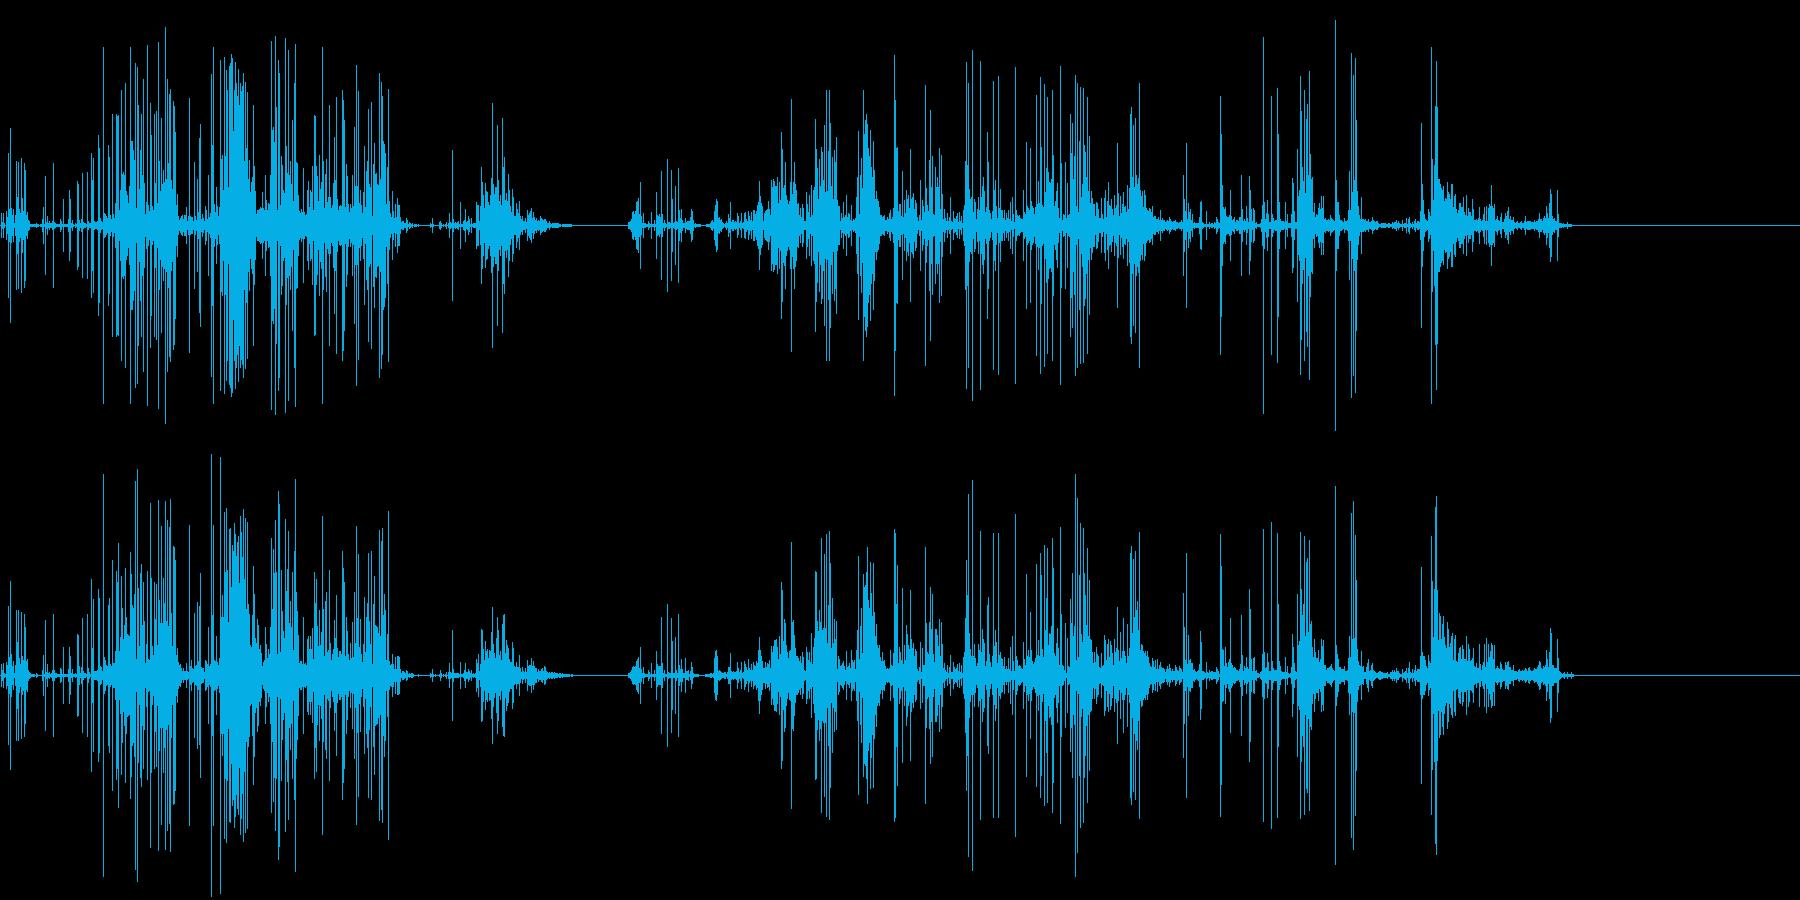 グチュグチュグチュ…の再生済みの波形